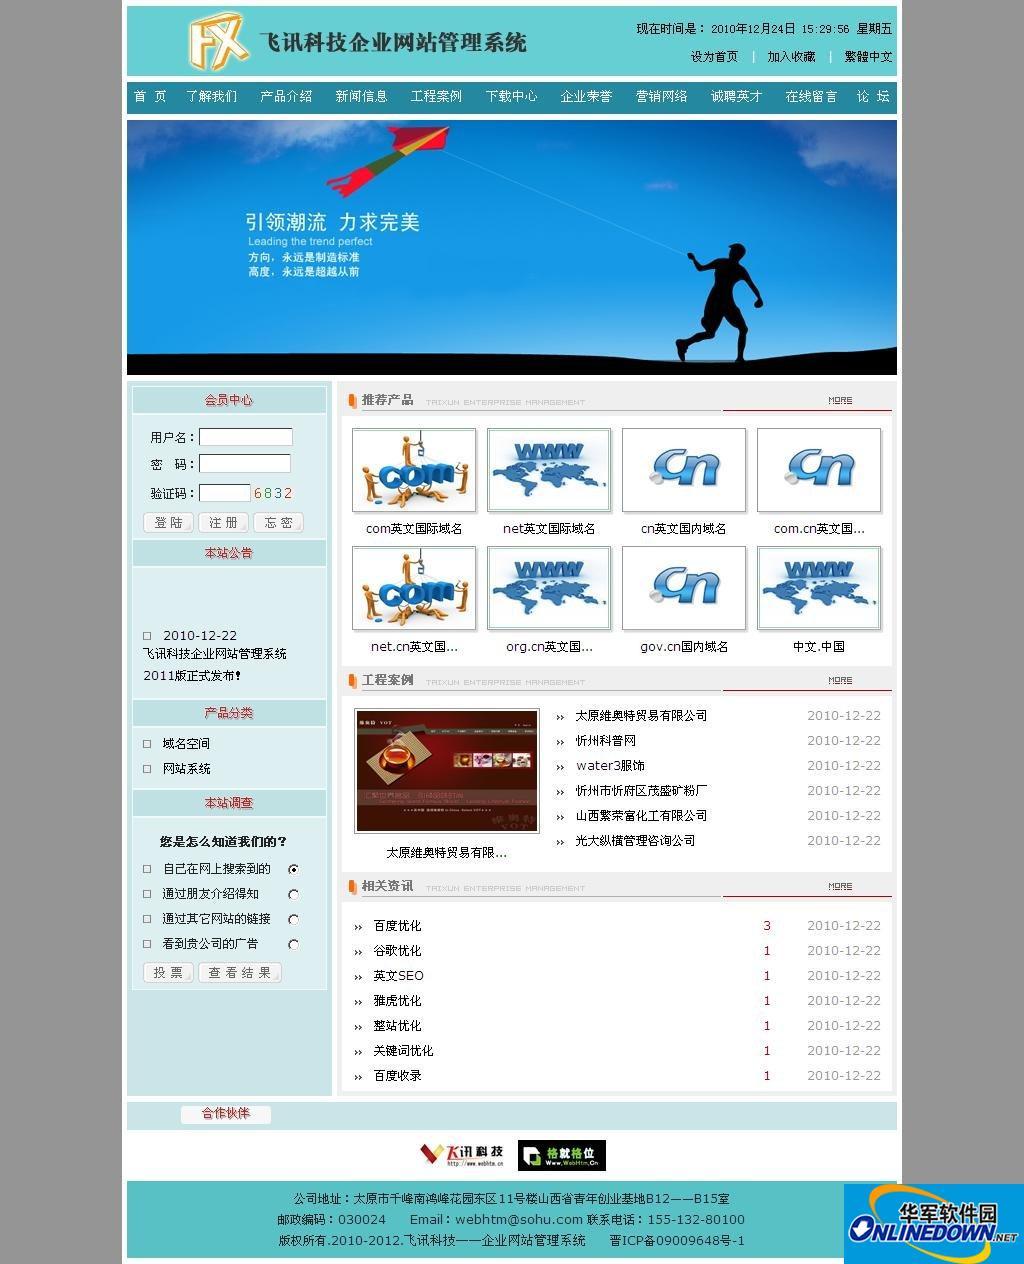 FeiXun企业网站管理系统 2011